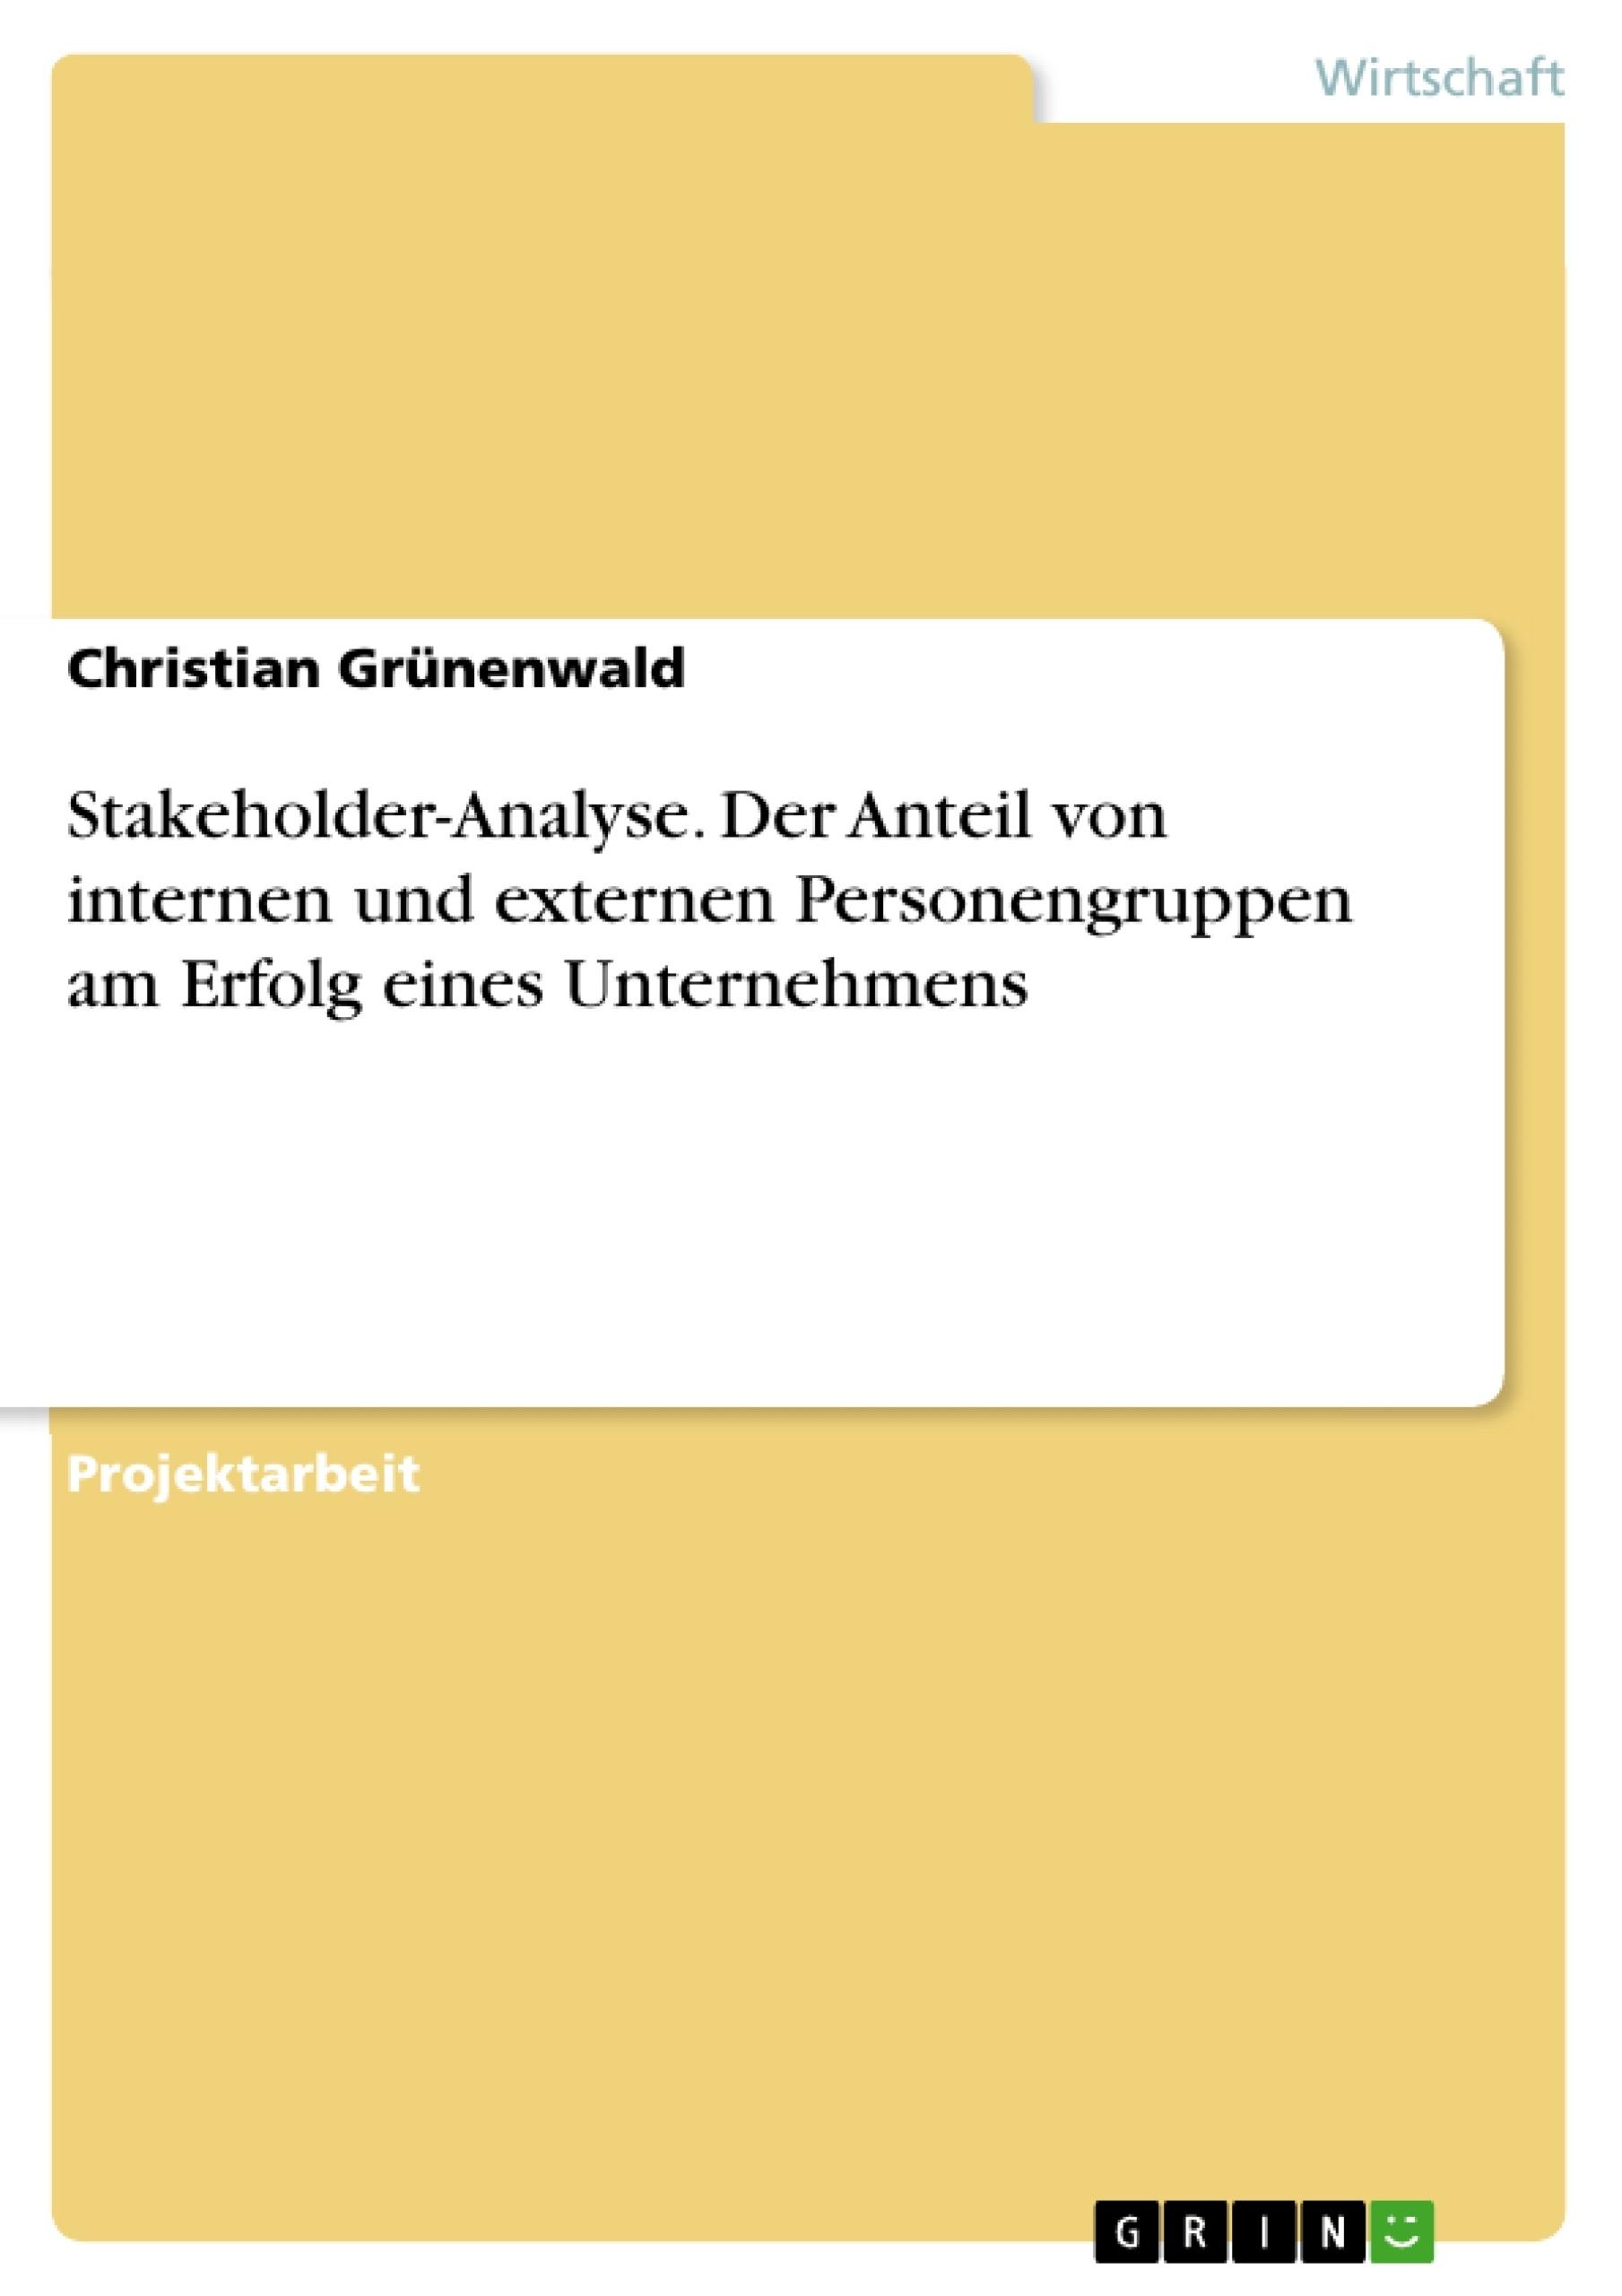 Titel: Stakeholder-Analyse. Der Anteil von internen und externen Personengruppen am Erfolg eines Unternehmens